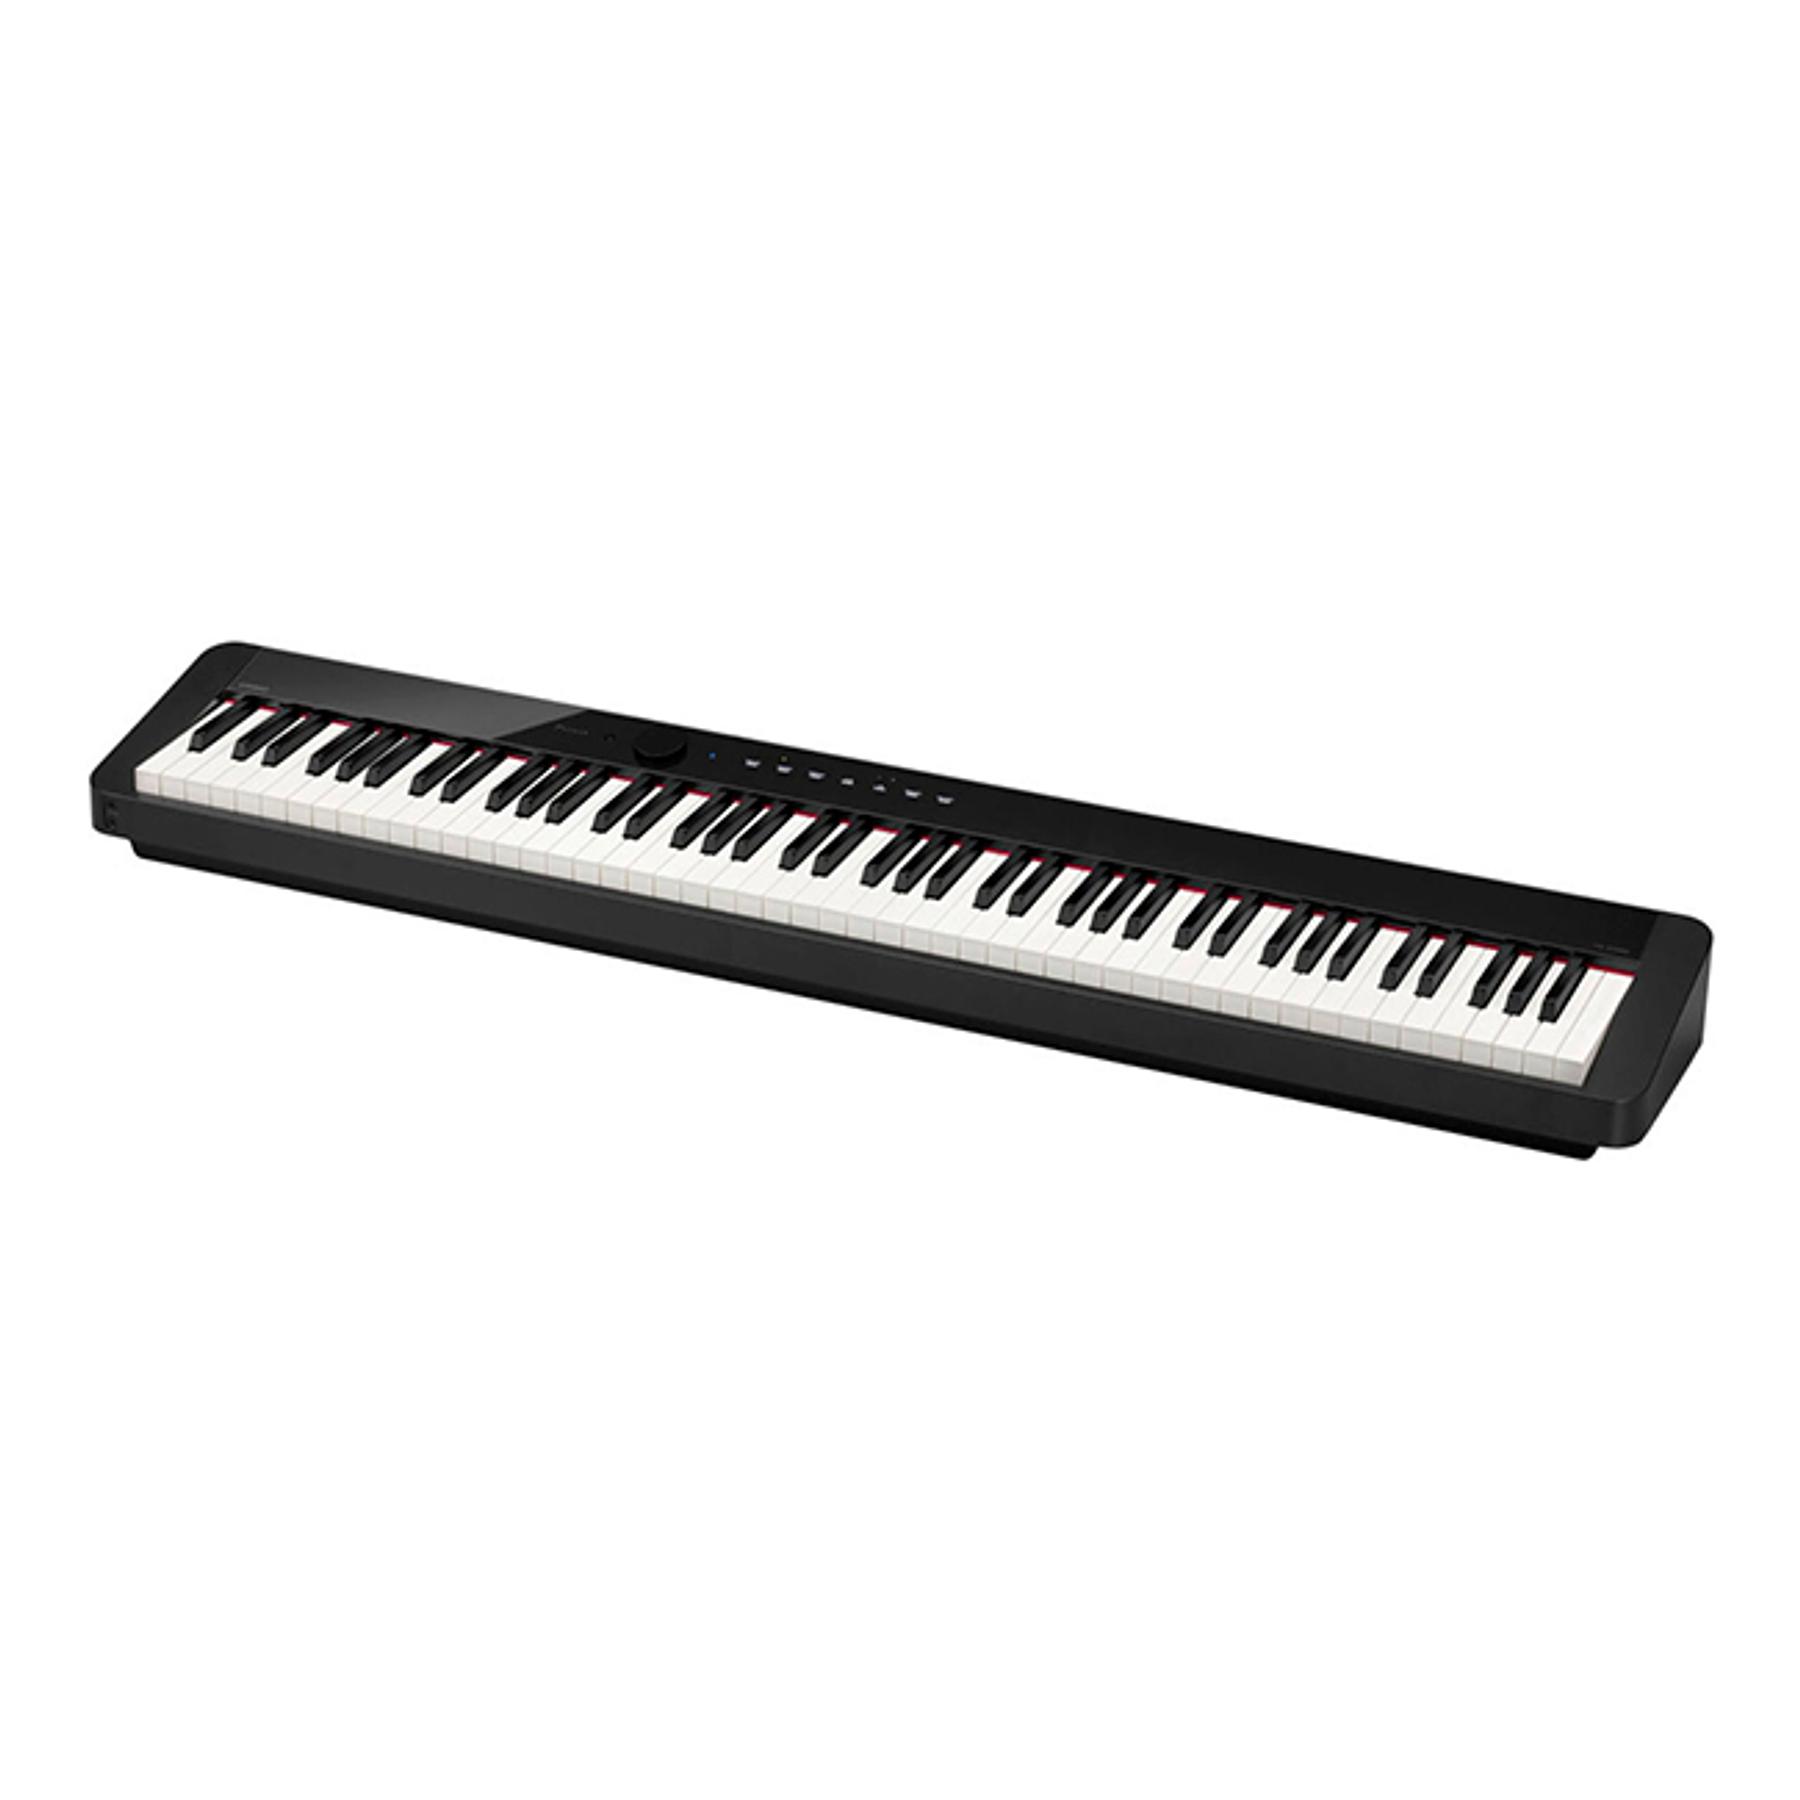 Piano Digital Casio Privia PX-S1000 Negro, 88 teclas